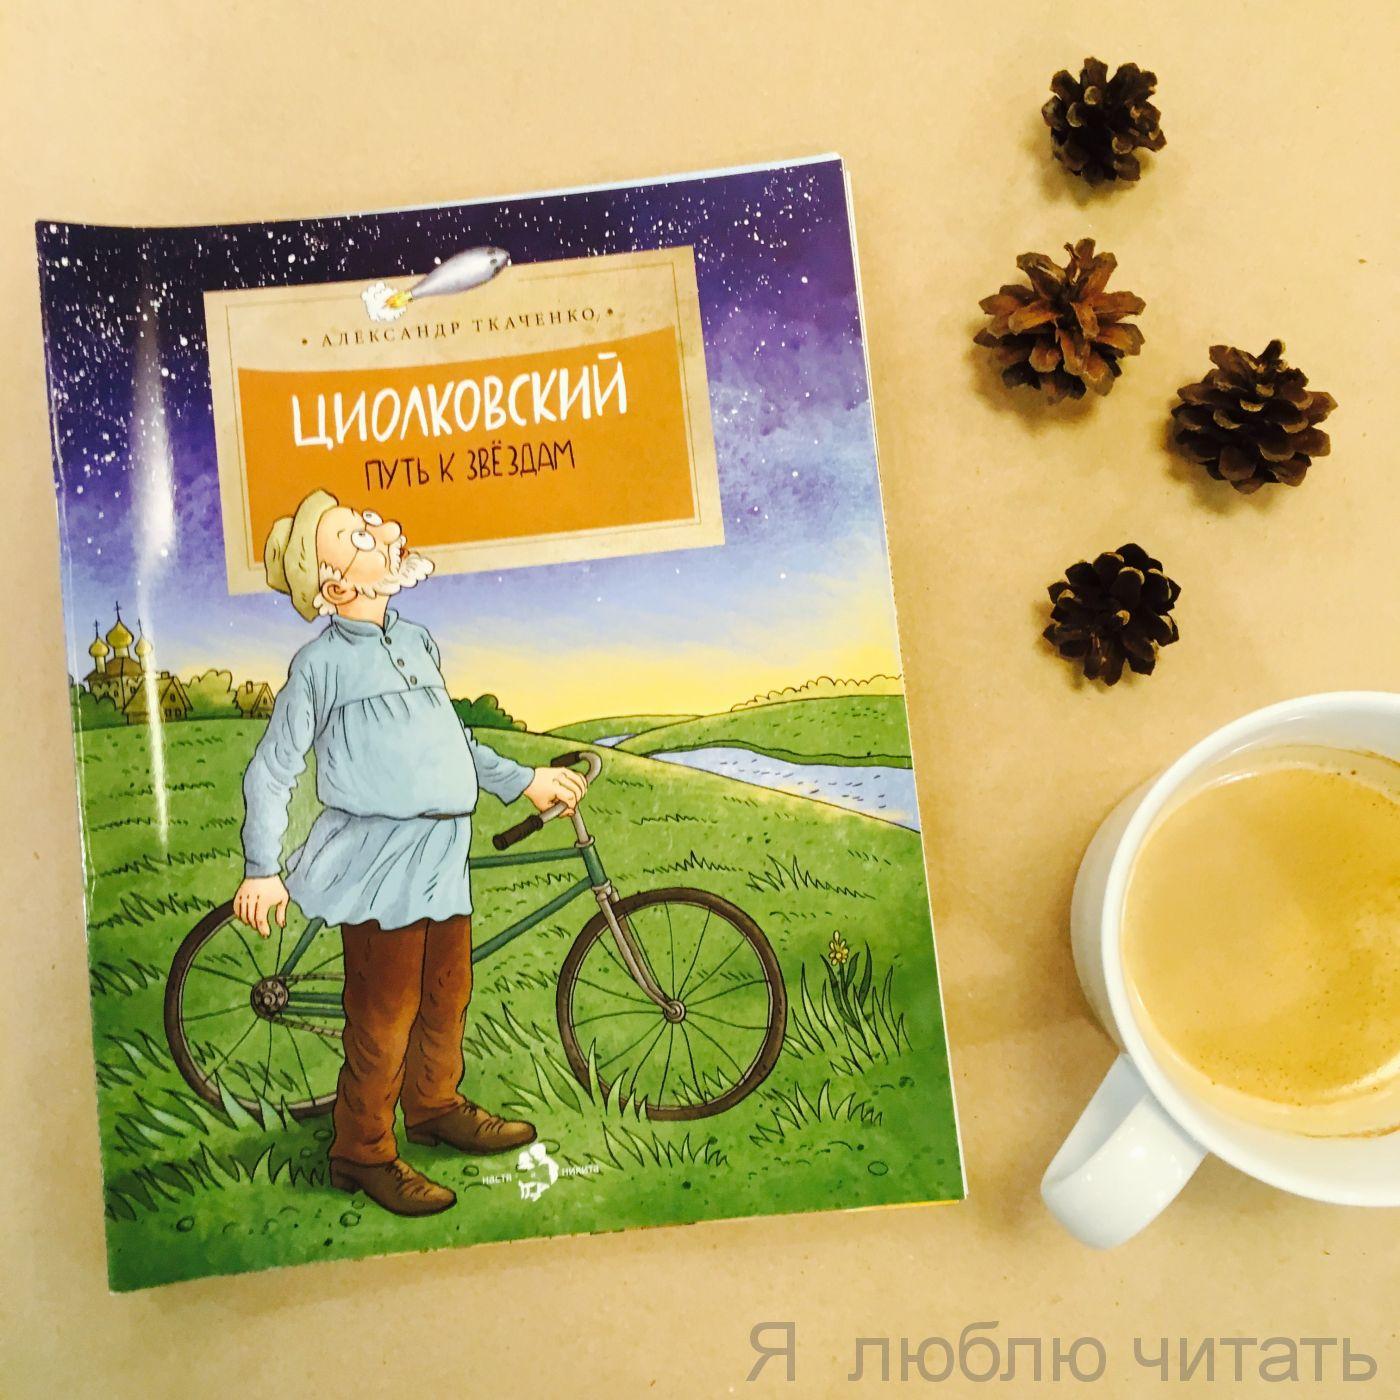 Книга «Циолковский. Путь к звёздам»